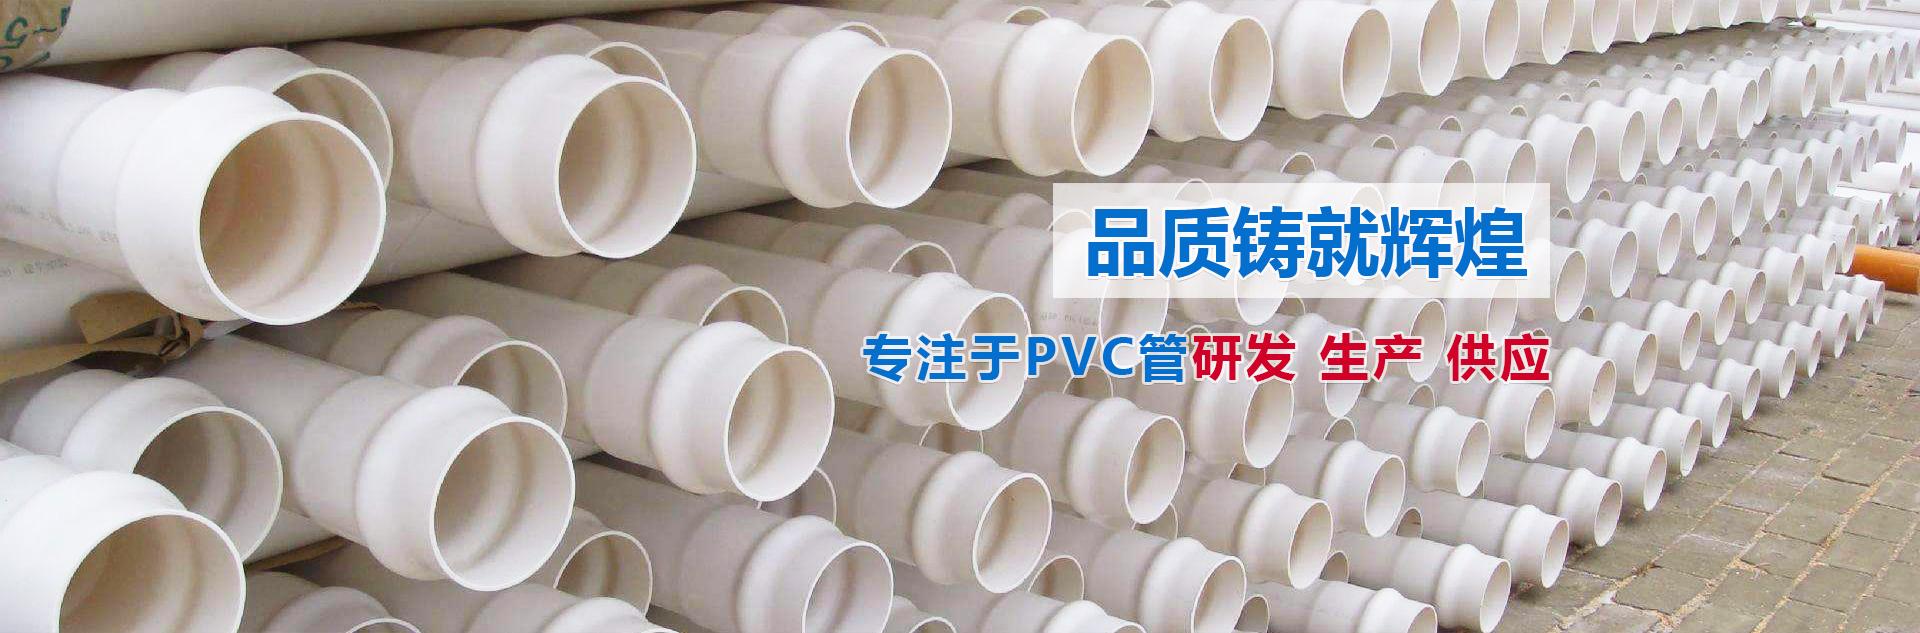 内蒙PVC管